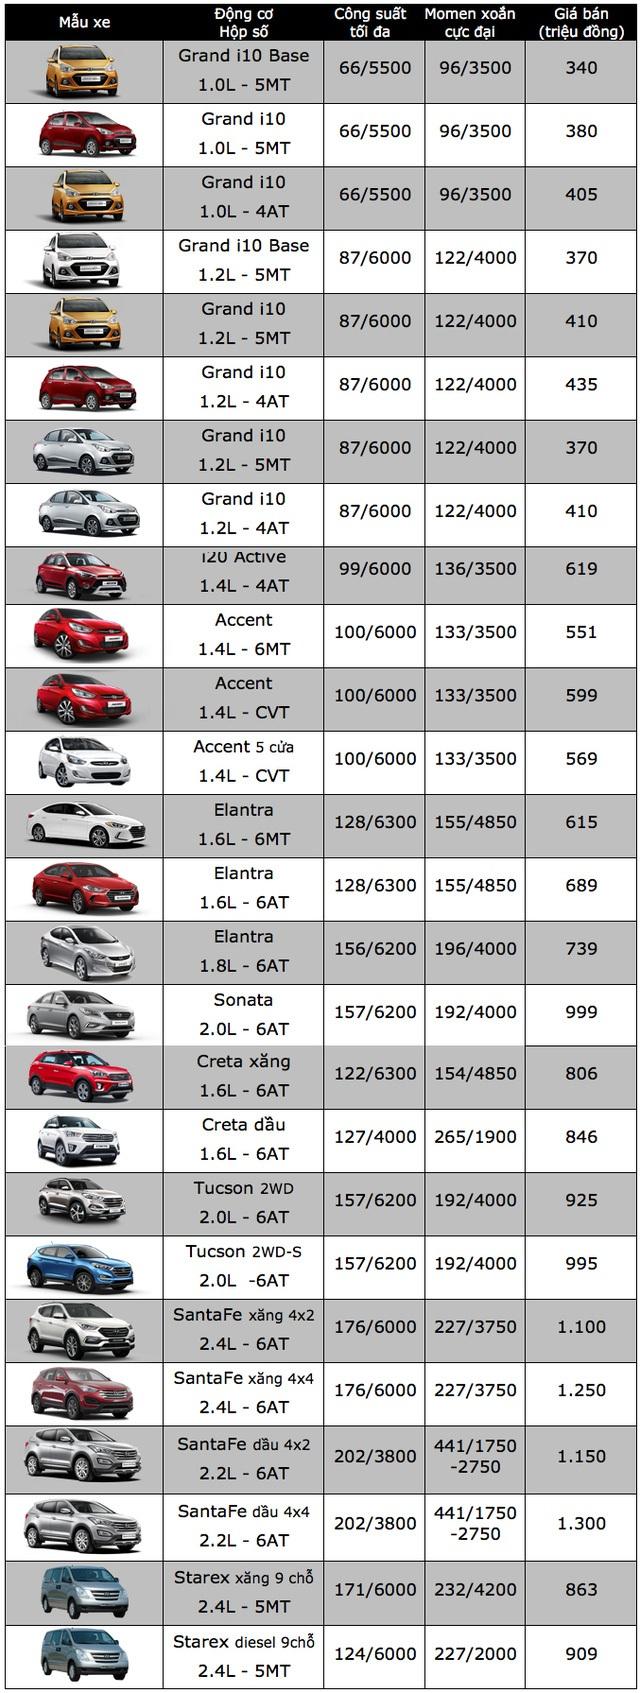 Nối dài cuộc chiến giá ô tô, GM giảm giá xe, Hyundai mạnh tay tặng tiền cho khách - 4